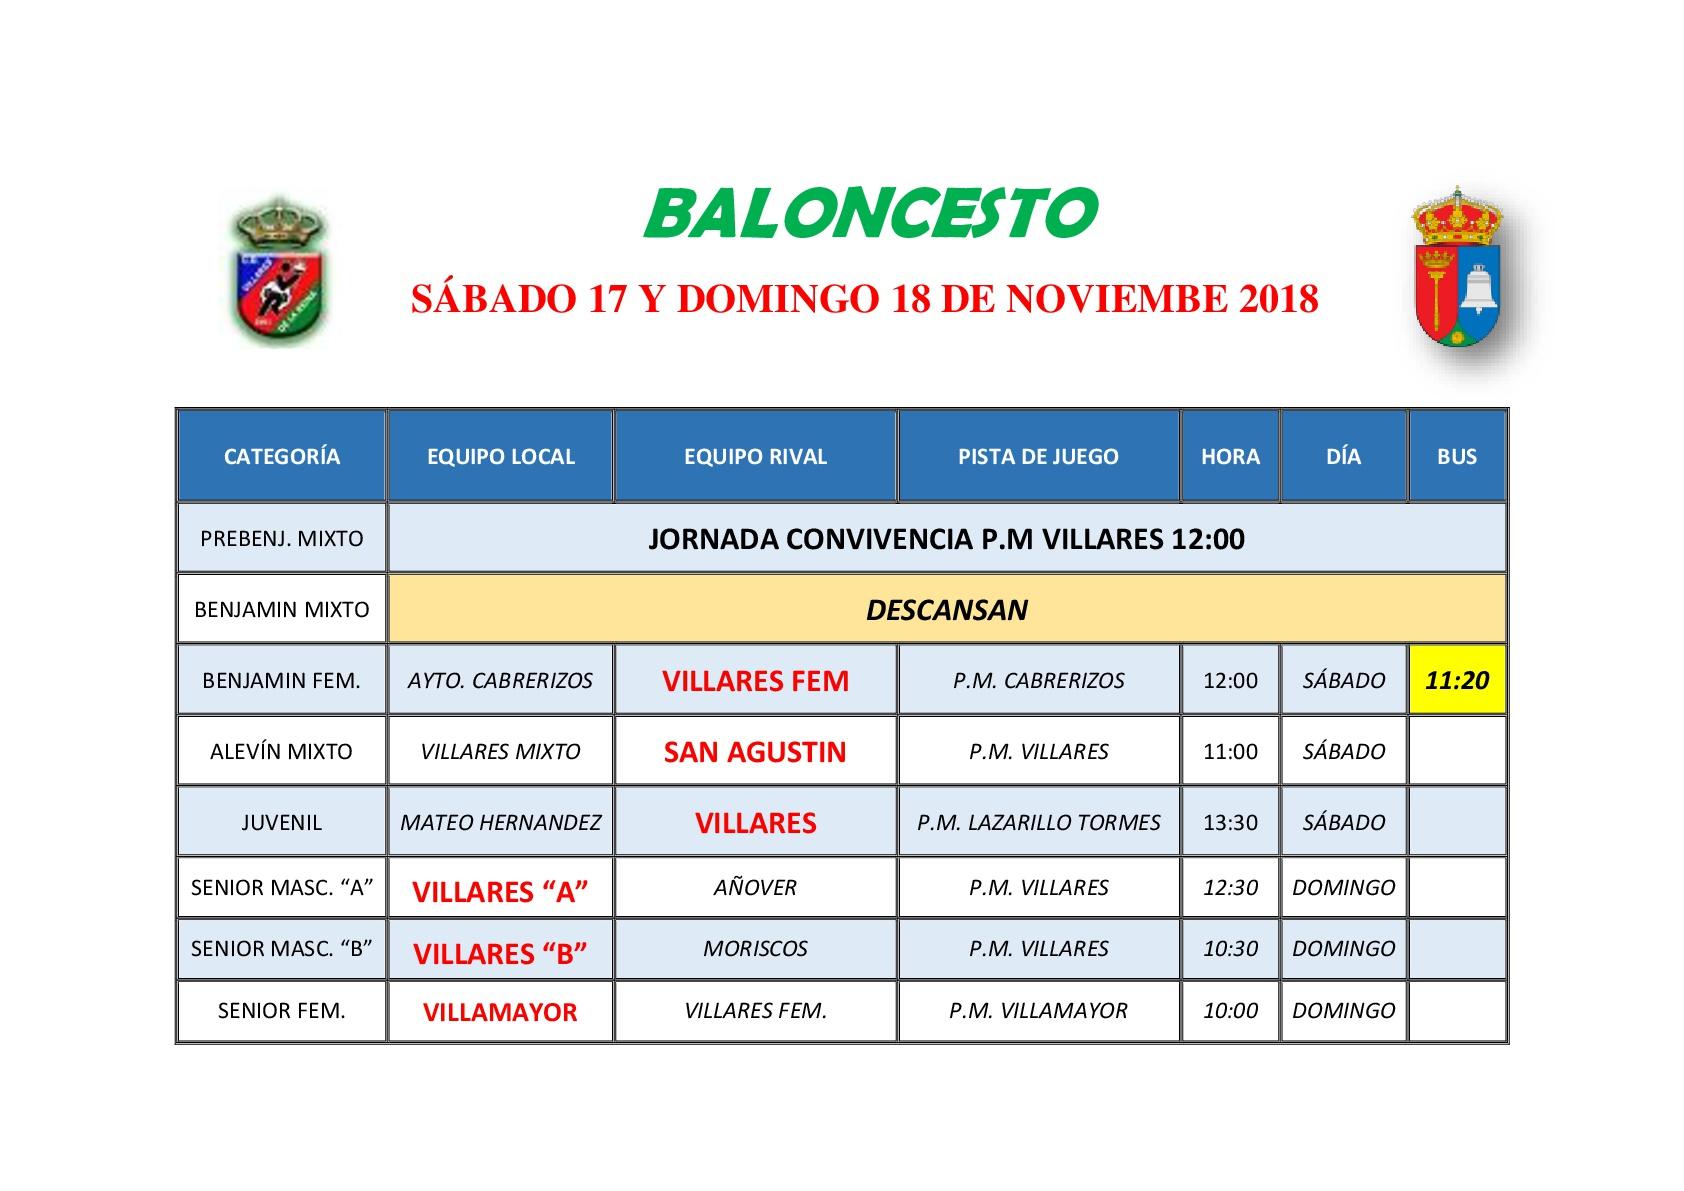 HORARIOS DE BALONCESTO S�BADO 1 Y DOMINGO 2 DE DICIEMBRE